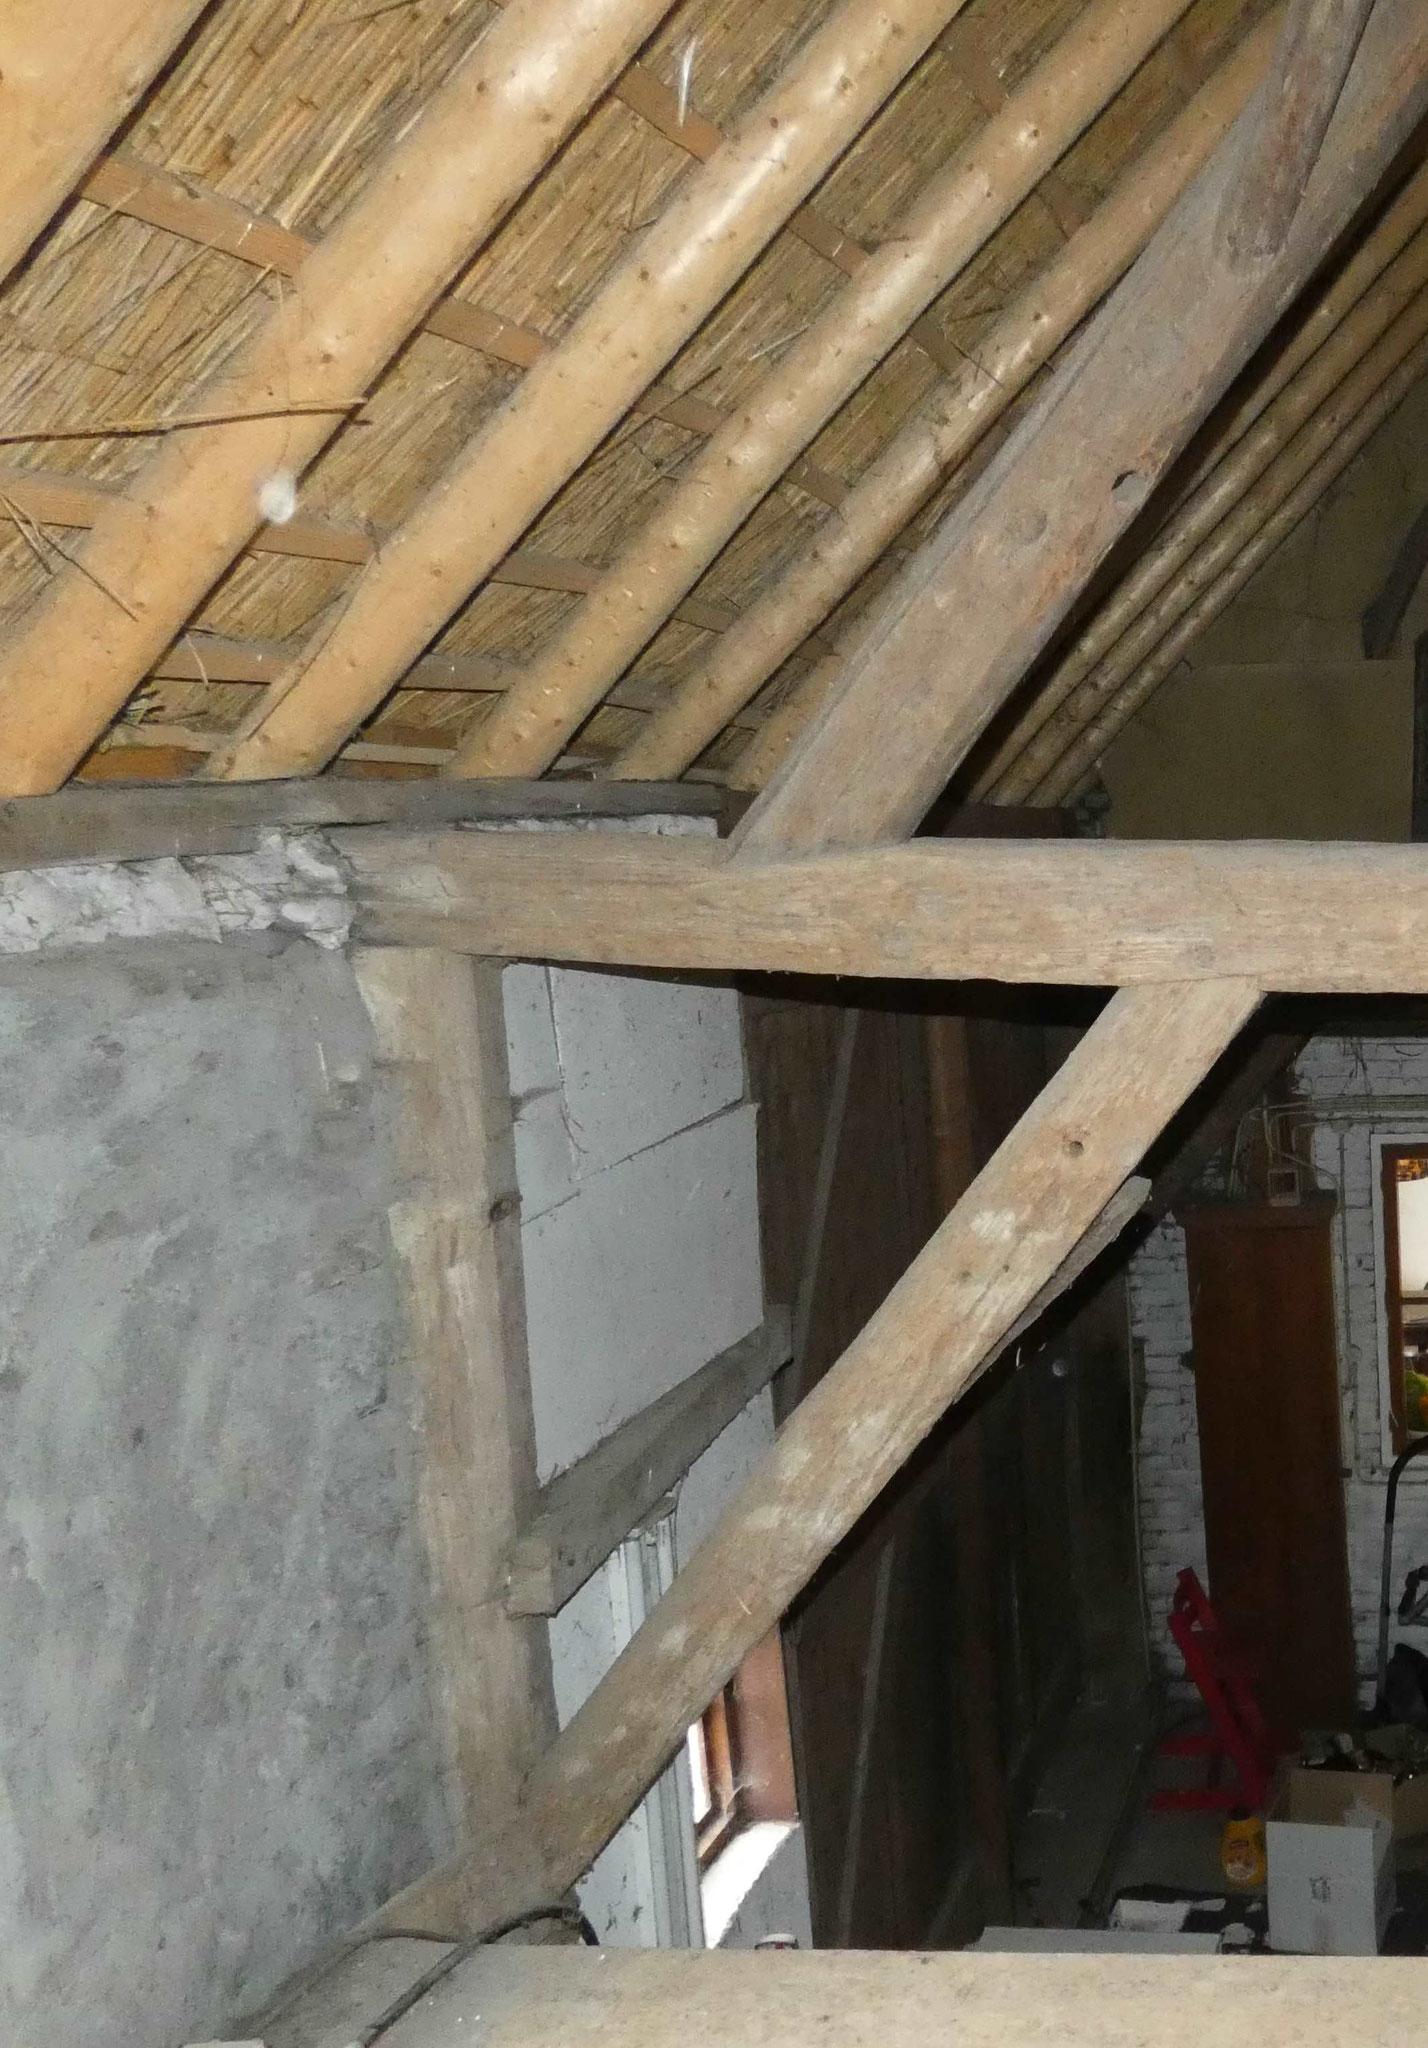 Detail van de gebintconstructie. Aan de noordzijde is de gebintbalk als dekbalk op de stijl gelegd.